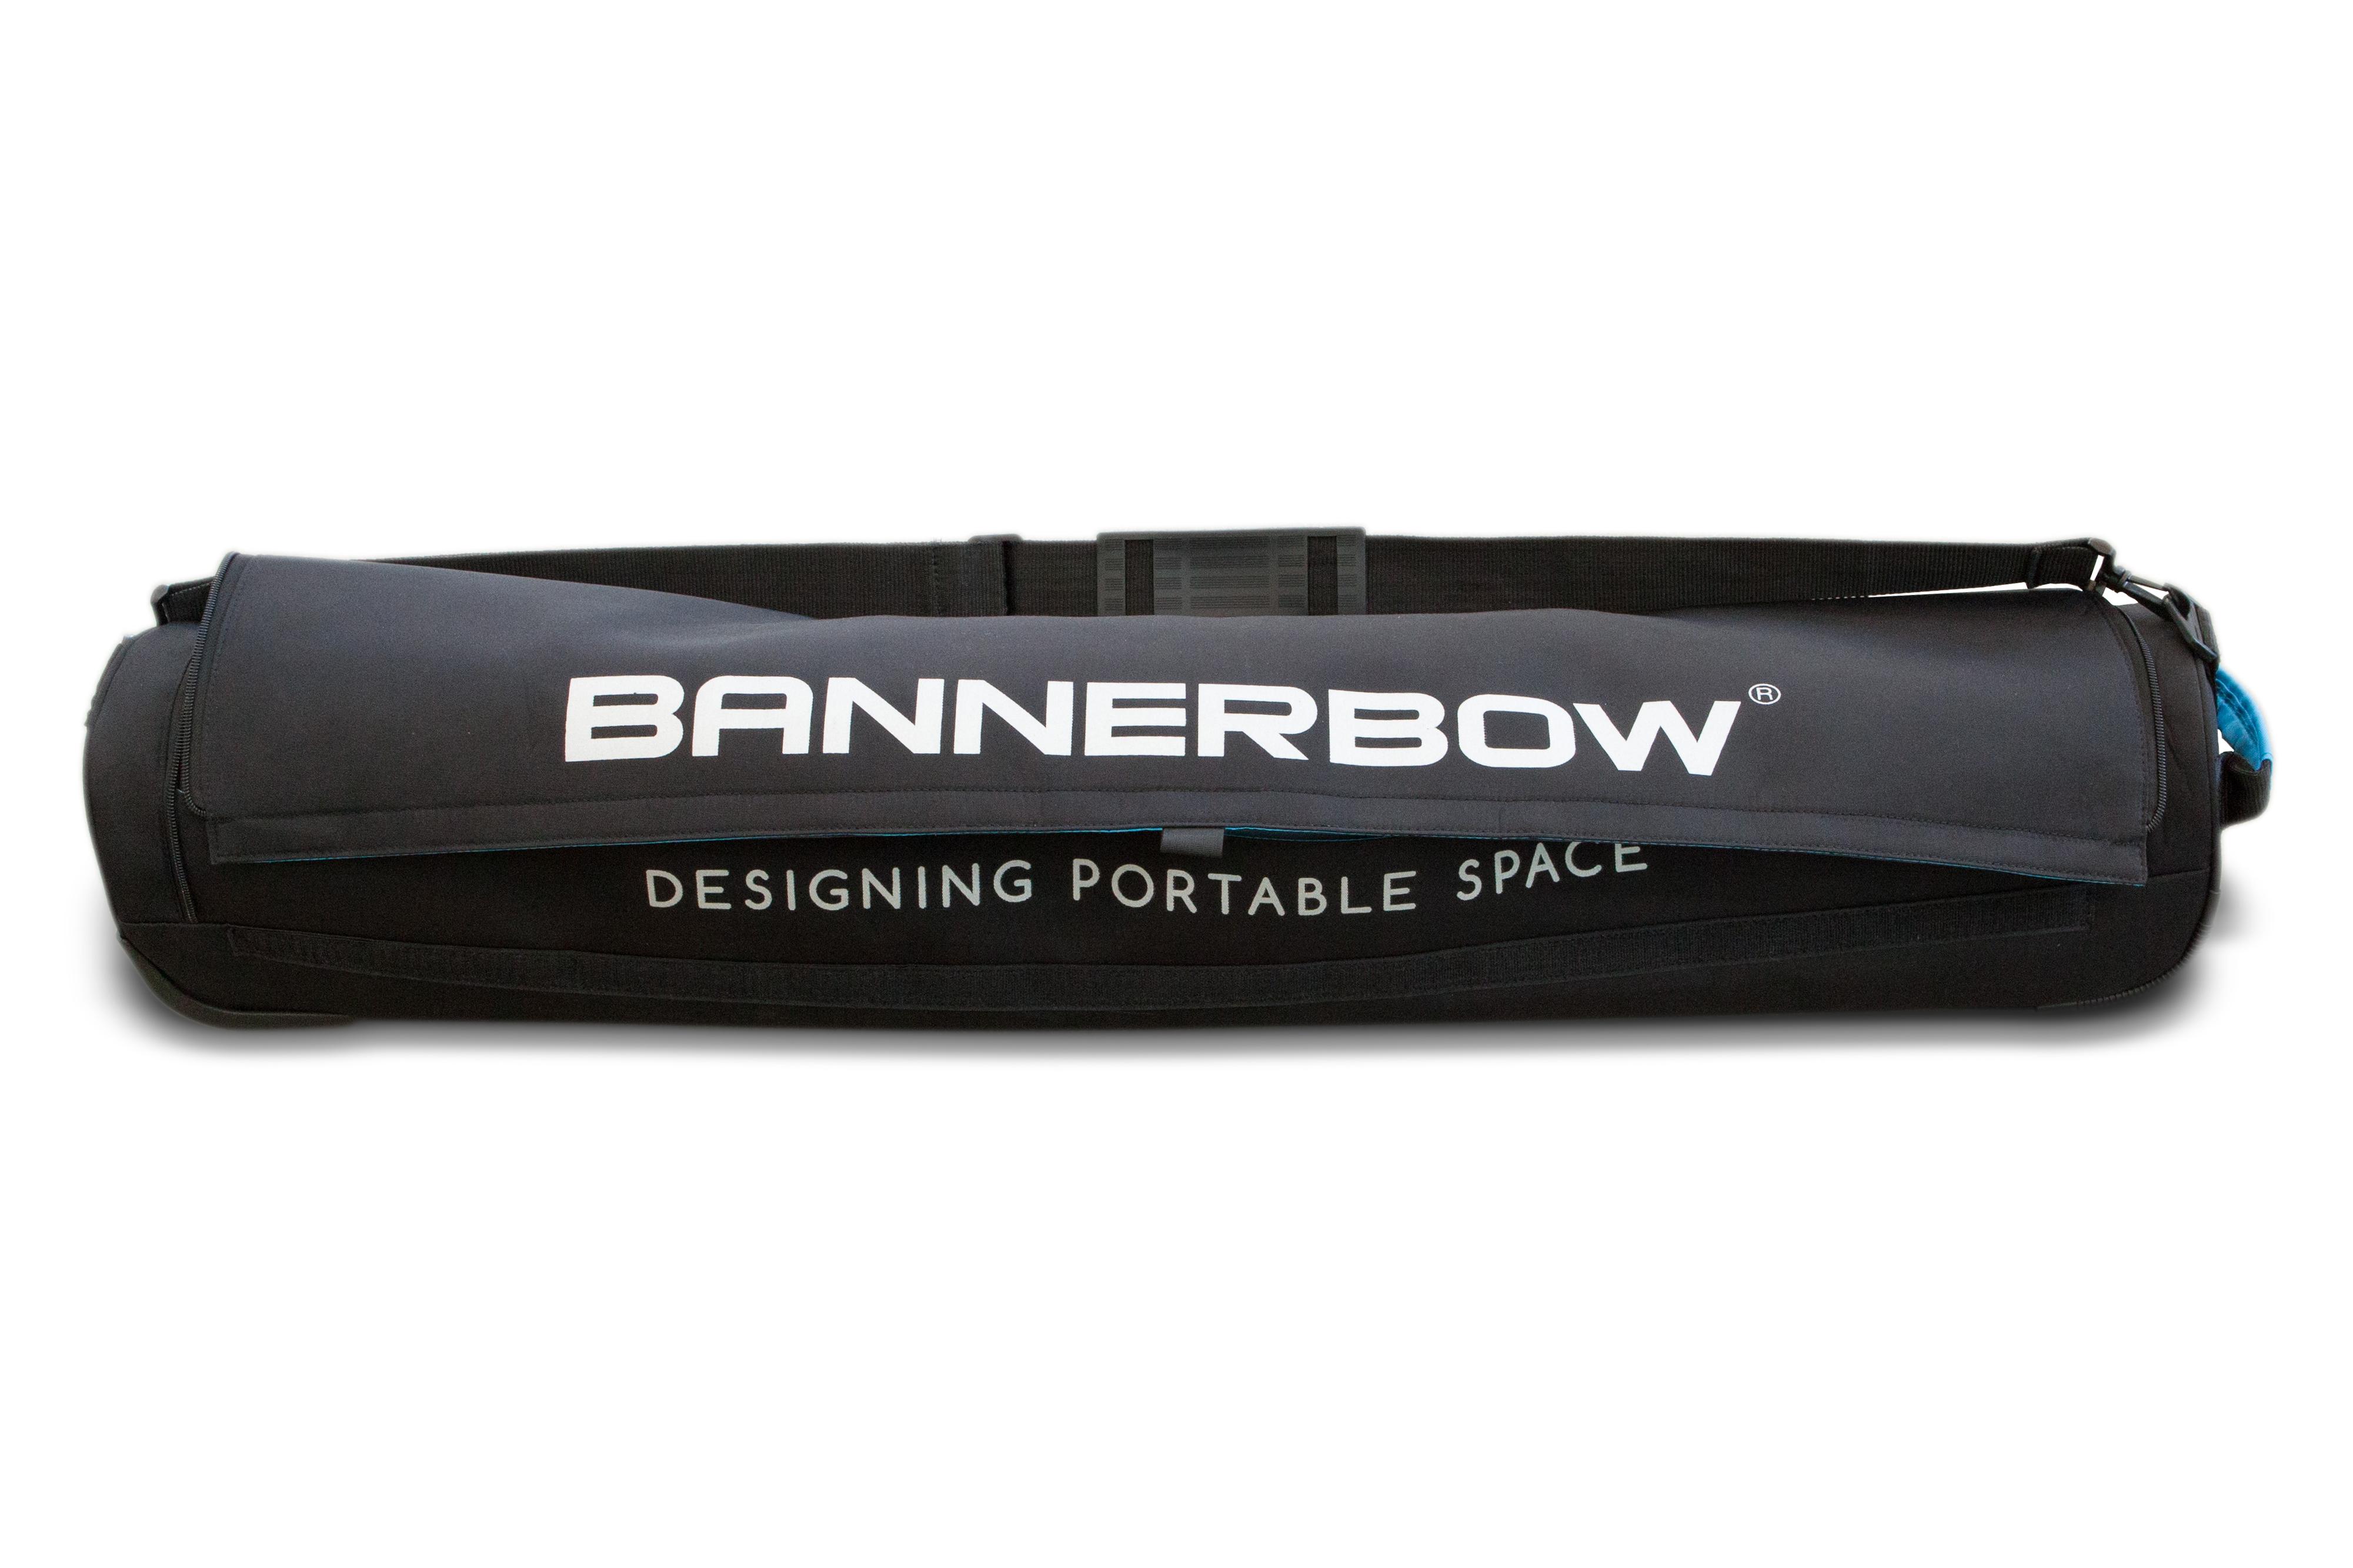 Transporttasche Bannerbow